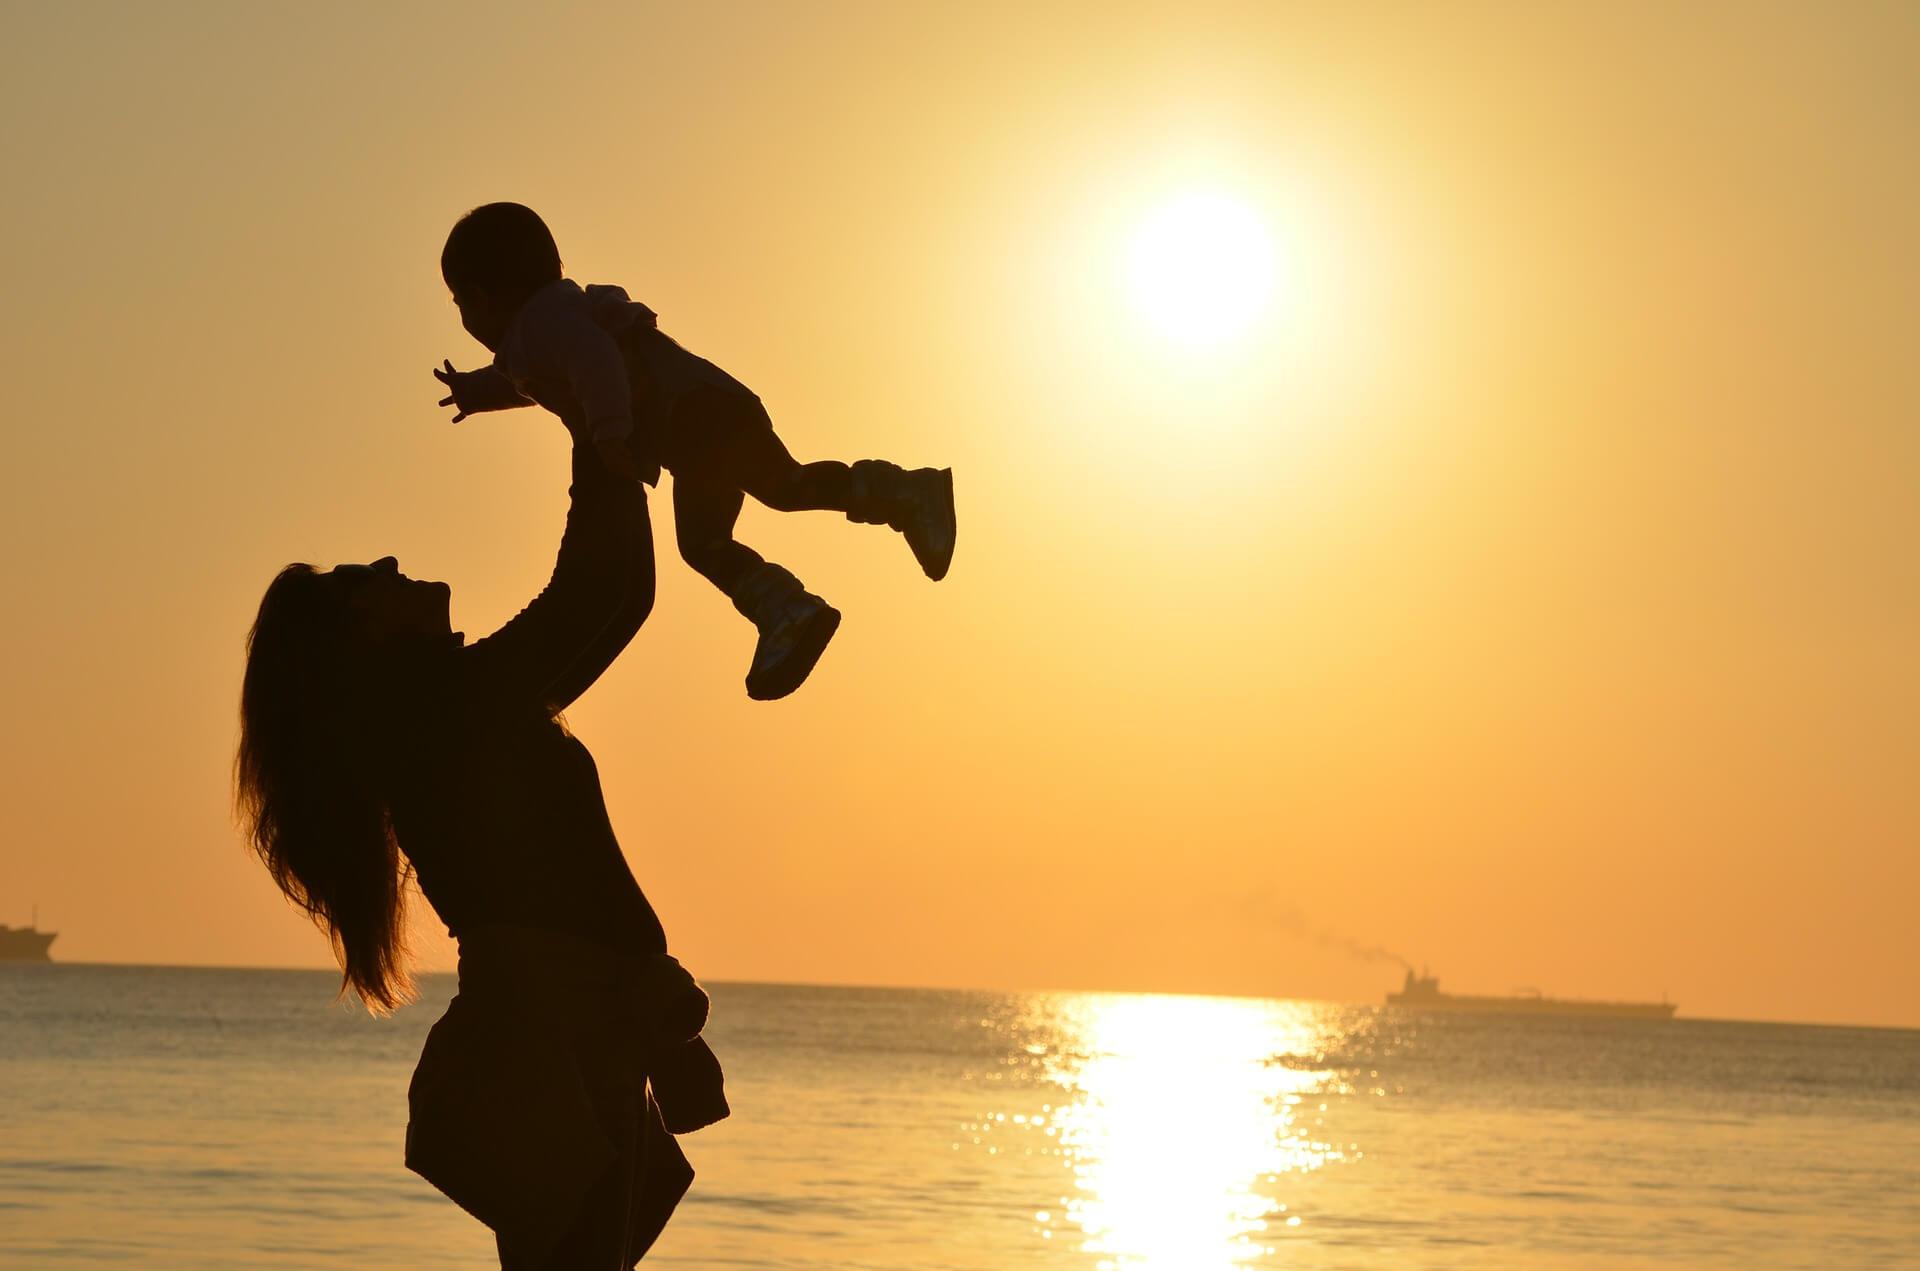 Mensagens fim de ano para família: Final de ano é sempre tempo de fazer um balanço do que a vida foi e será